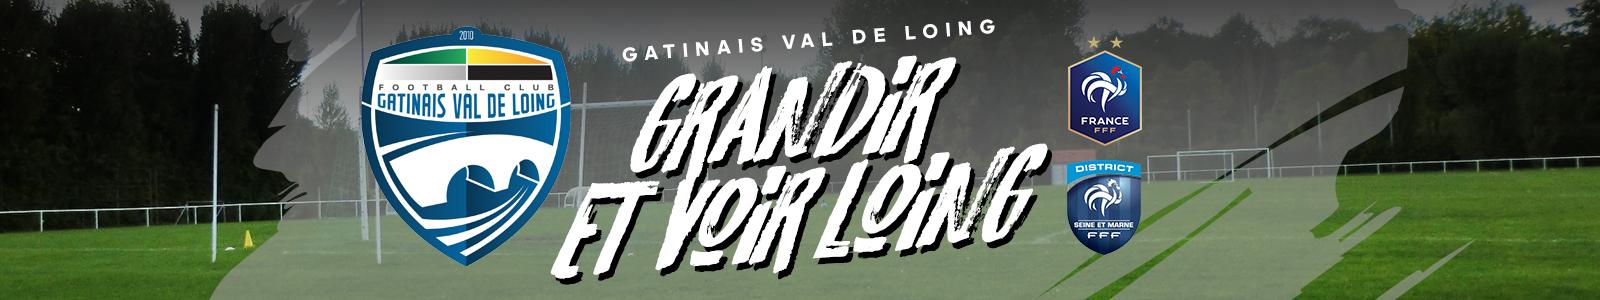 GATINAIS VAL DE LOING FC : site officiel du club de foot de CHATEAU LANDON - footeo